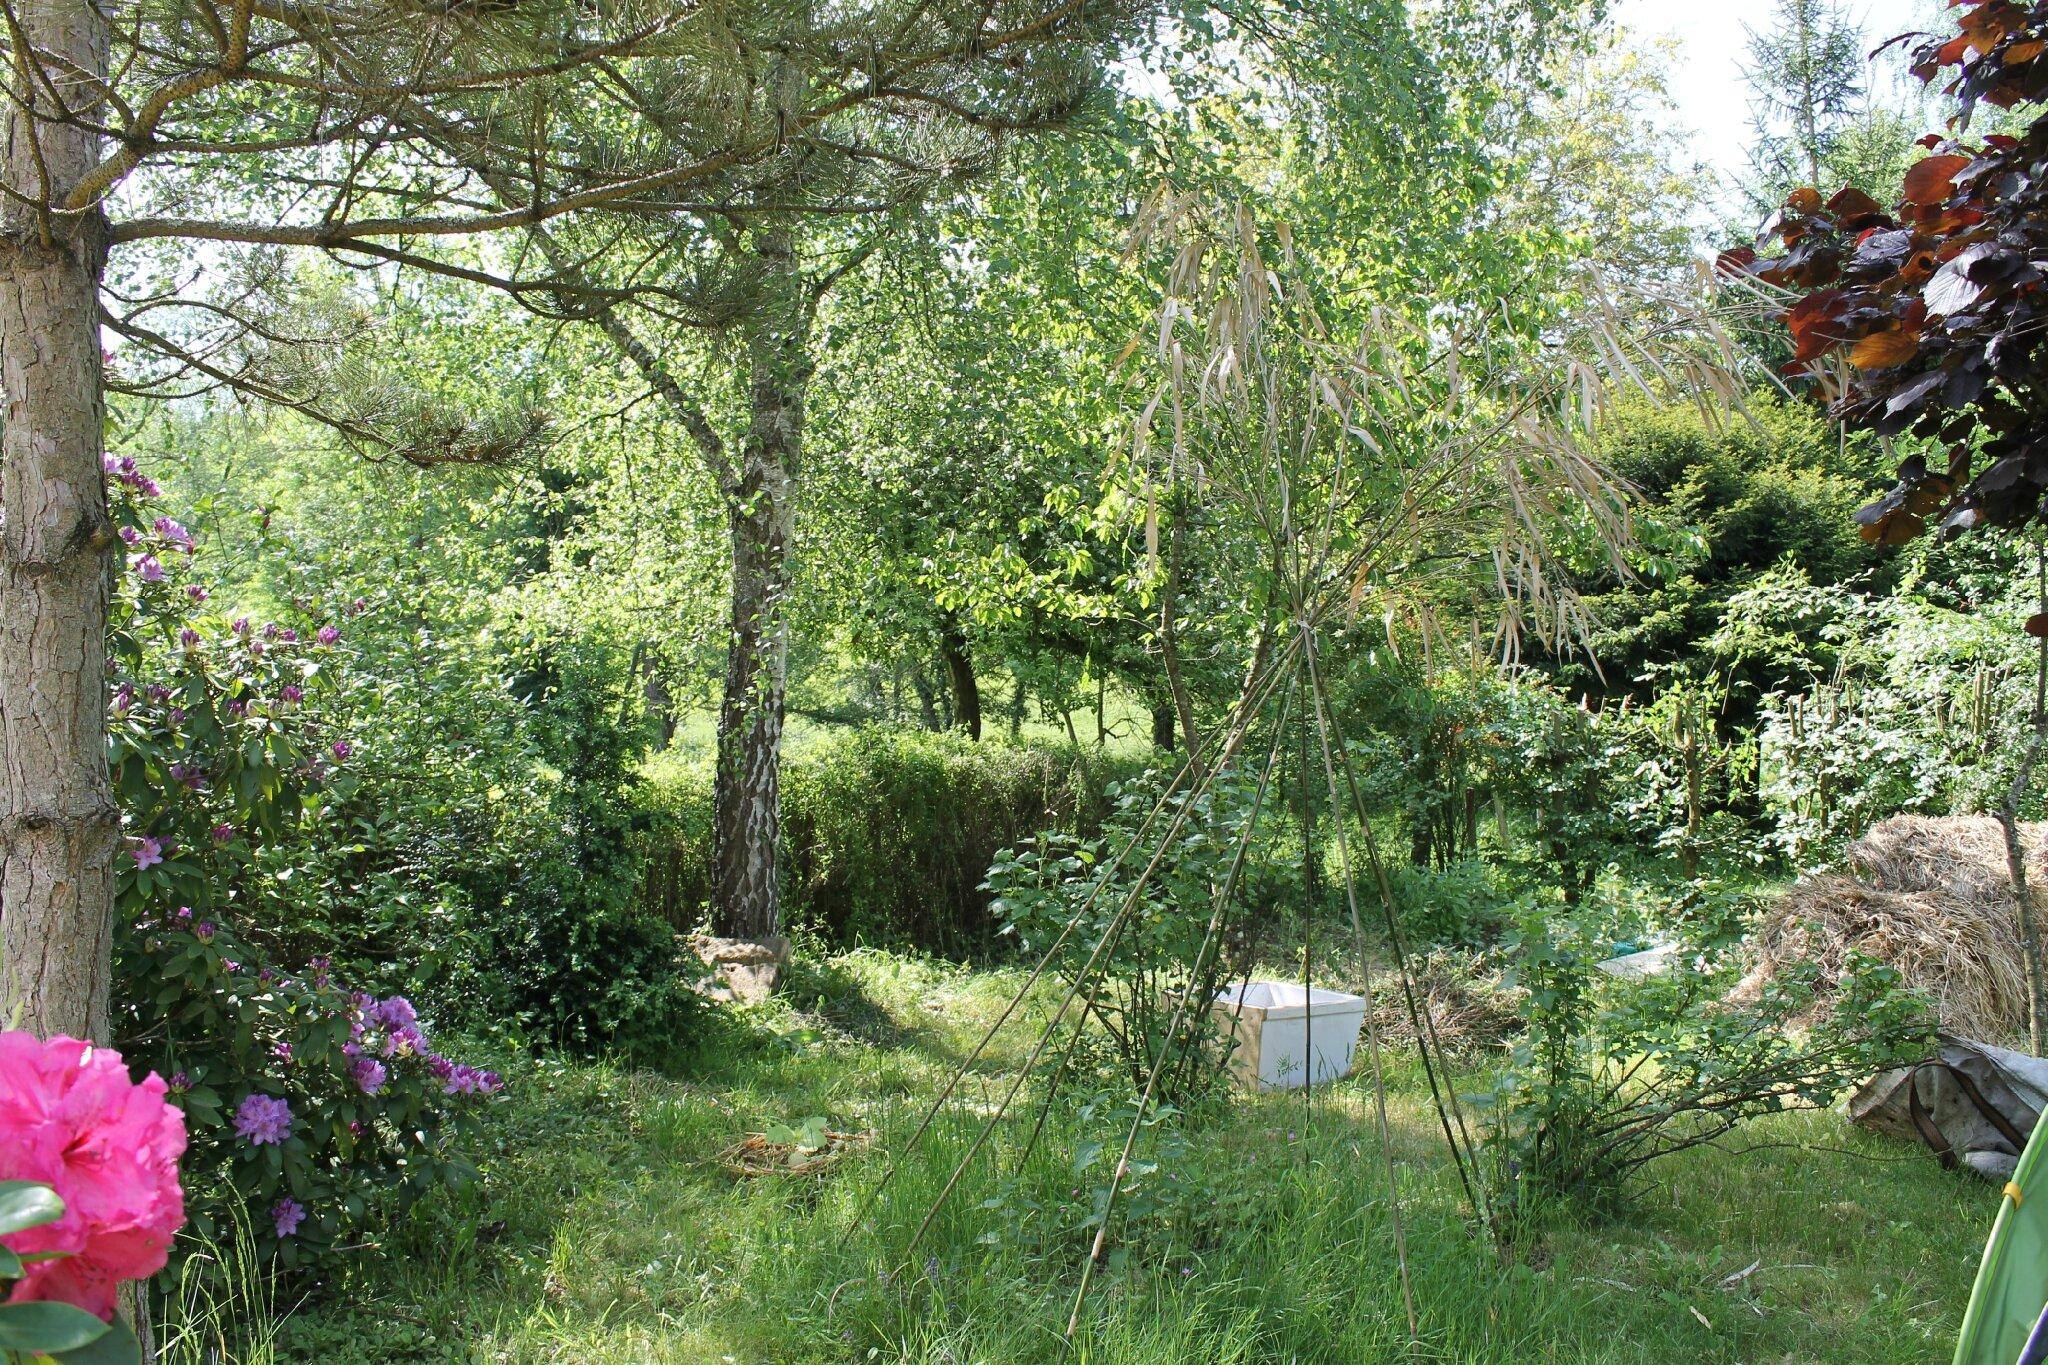 Le jardin en tentative de permaculture les pierre feu 6 for Jardin en permaculture